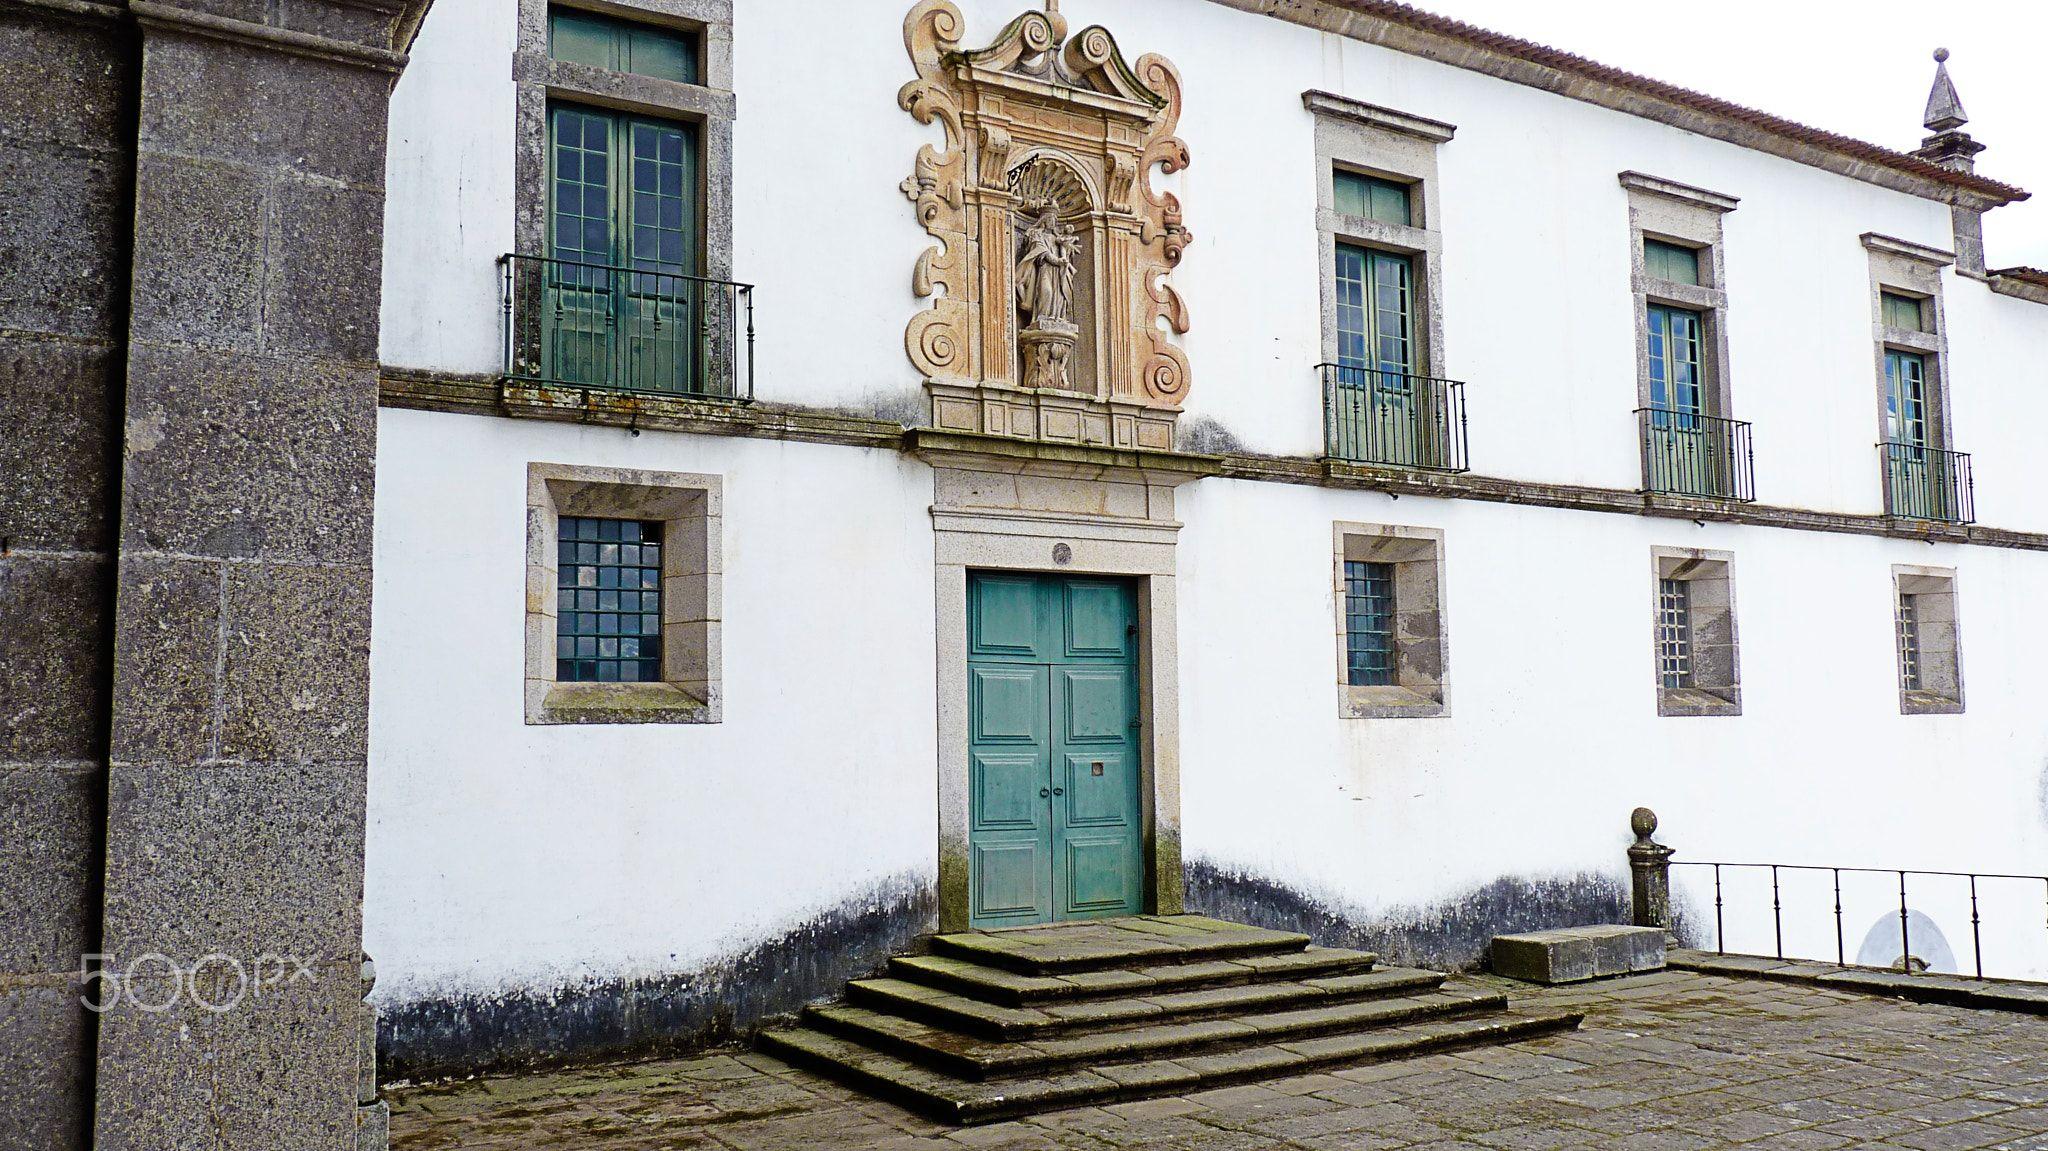 Ars Religiones - O Mosteiro de São Martinho de Tibães, também referido como Mosteiro de Tibães, localiza-se na freguesia de Mire de Tibães, concelho de Braga, distrito de mesmo nome, em Portugal. O conjunto engloba a Igreja de Tibães e o Cruzeiro de Tibães.